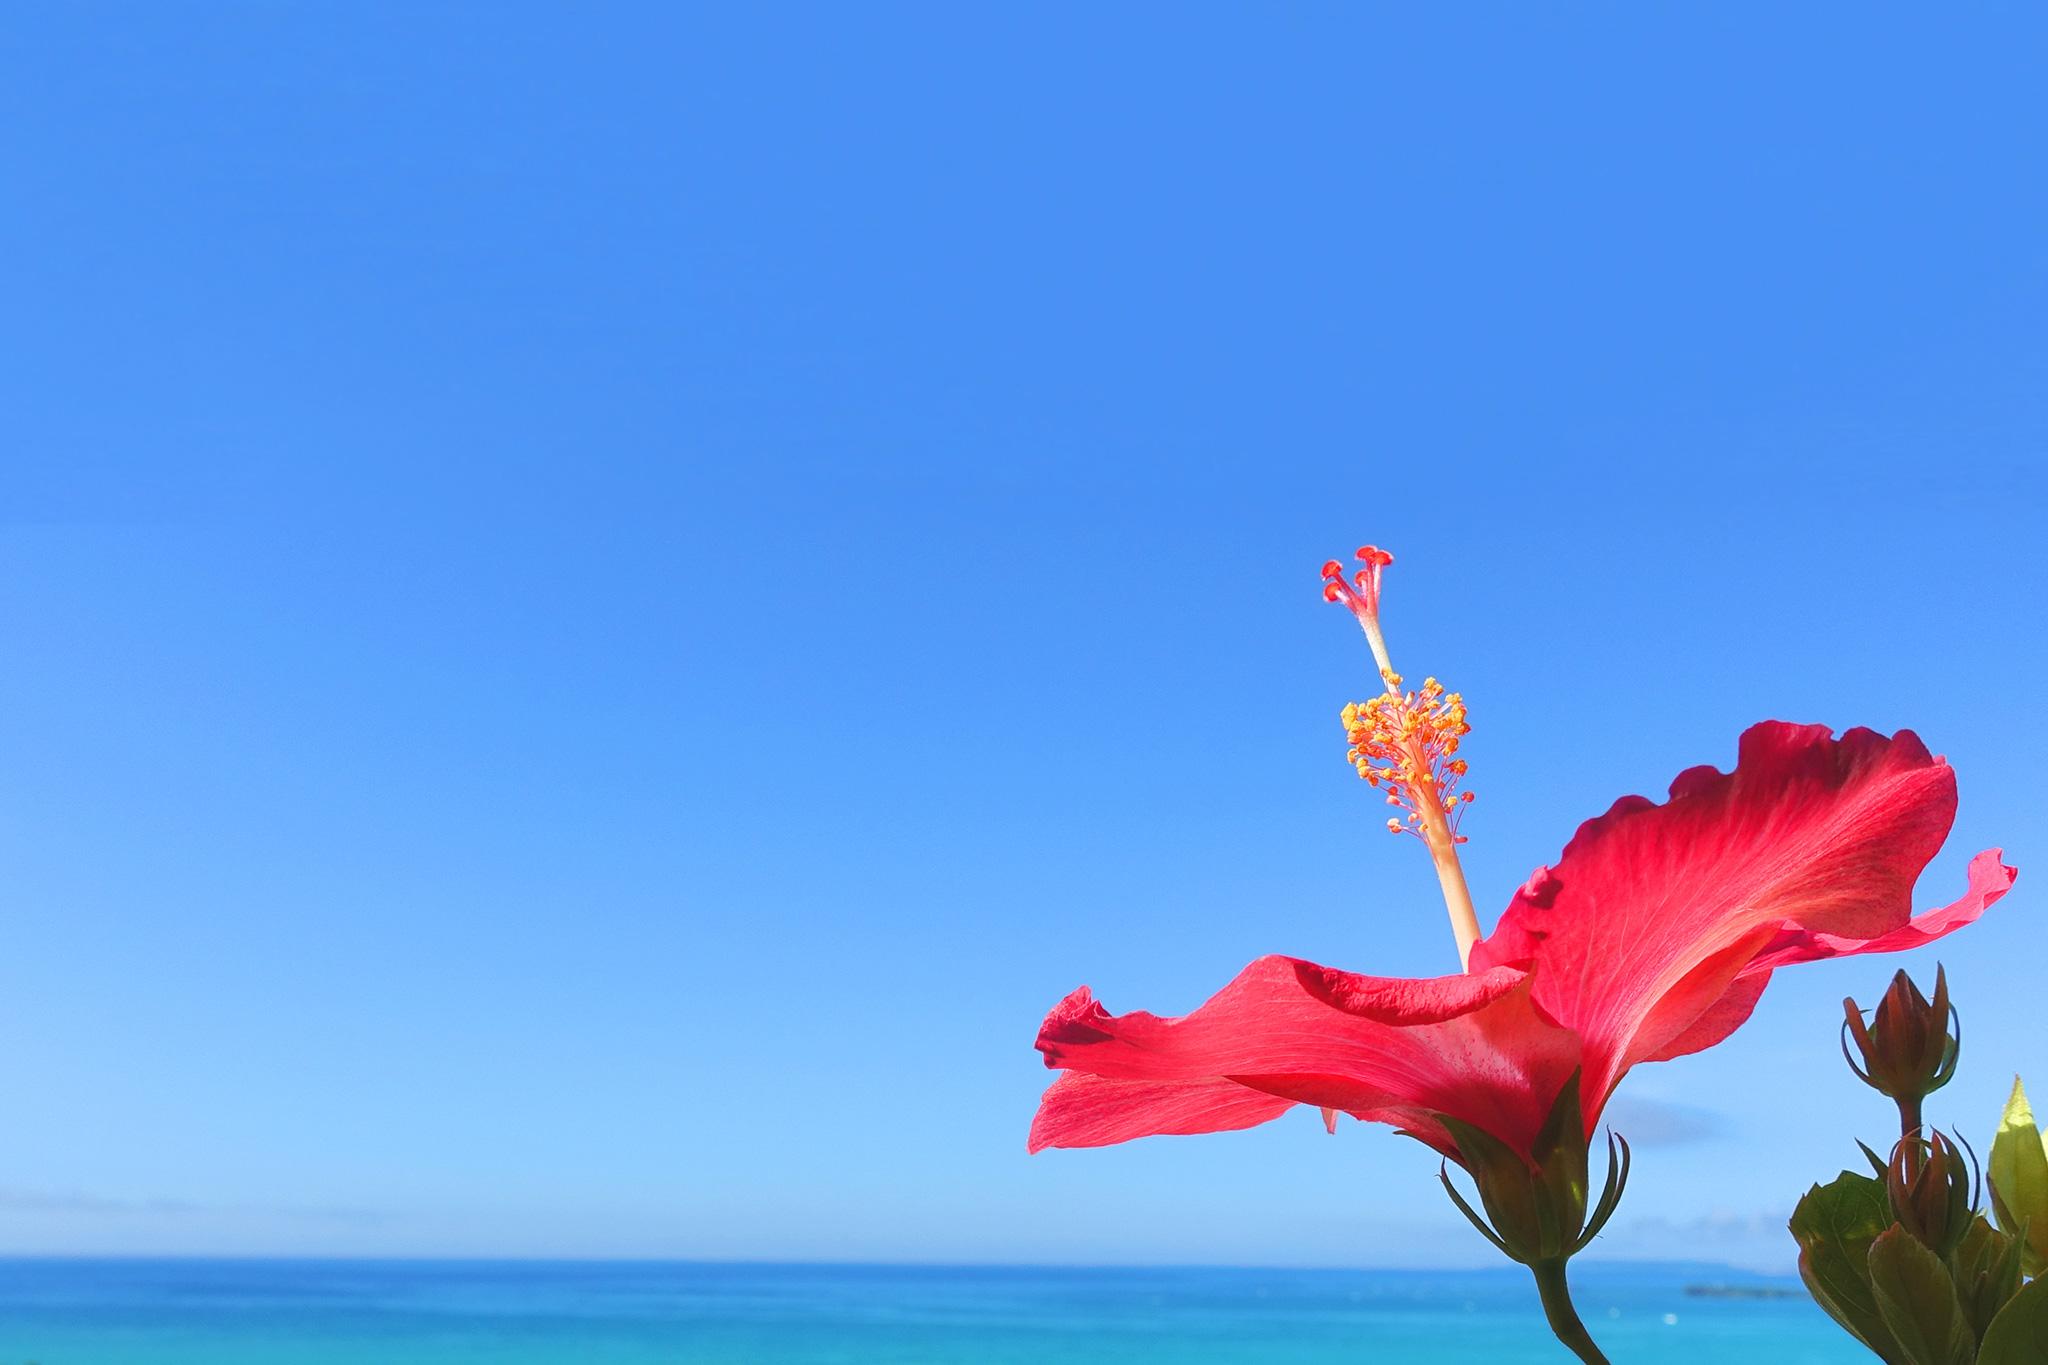 空に向かって元気に咲き誇る沖縄の赤いハイビスカスのフリー画像 ...